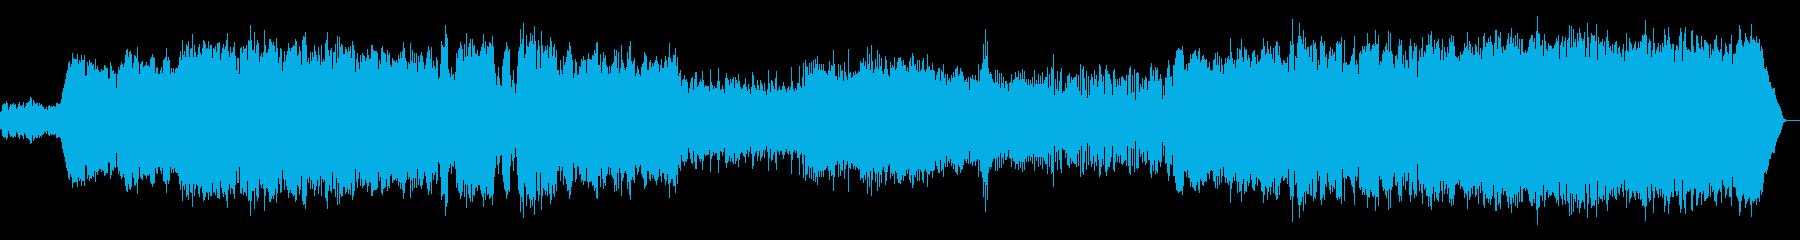 カノン五重奏・ストリングスアレンジの再生済みの波形